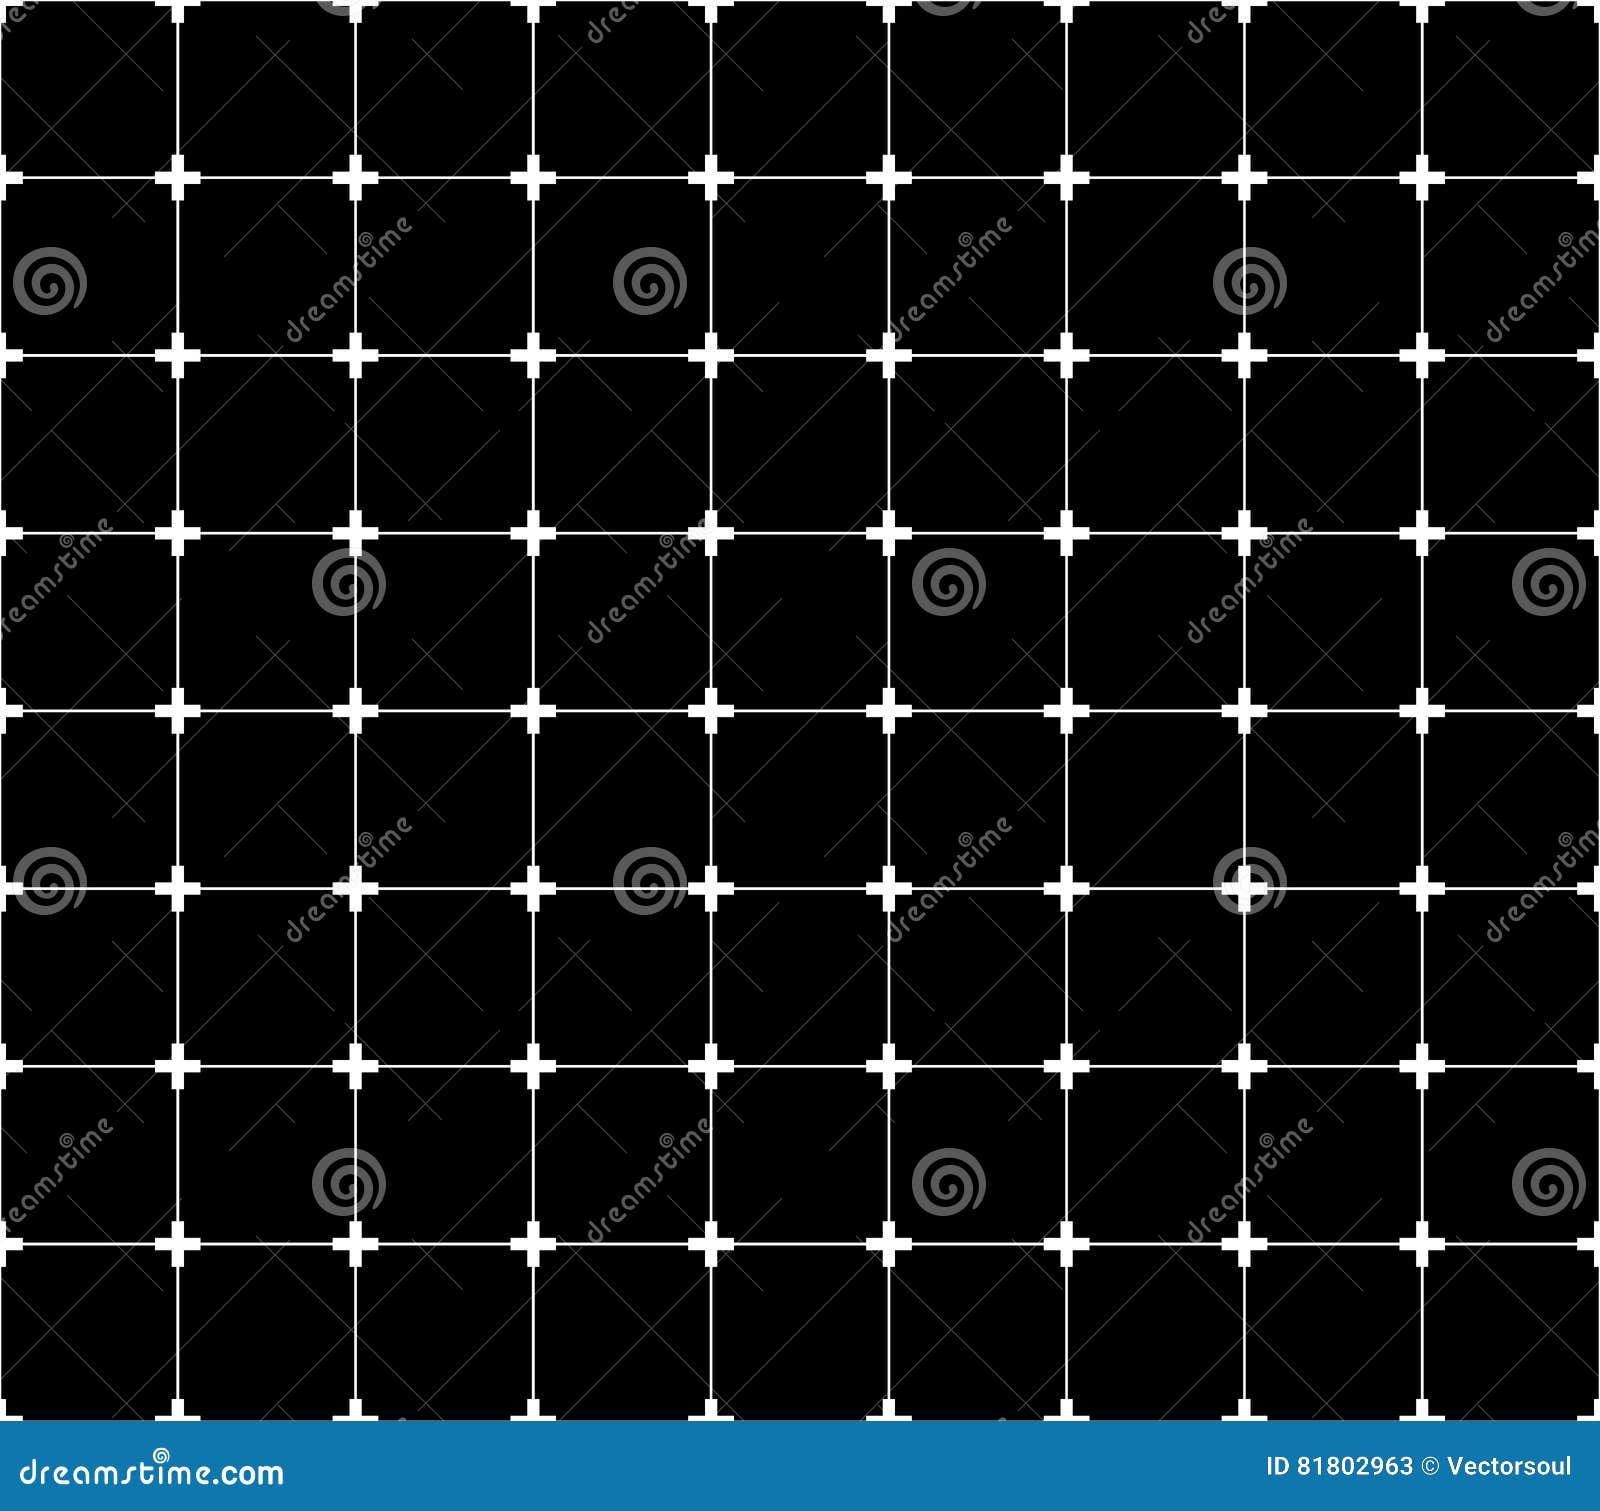 Repeatable monochrome решетка, сетка с крестами на пересечениях